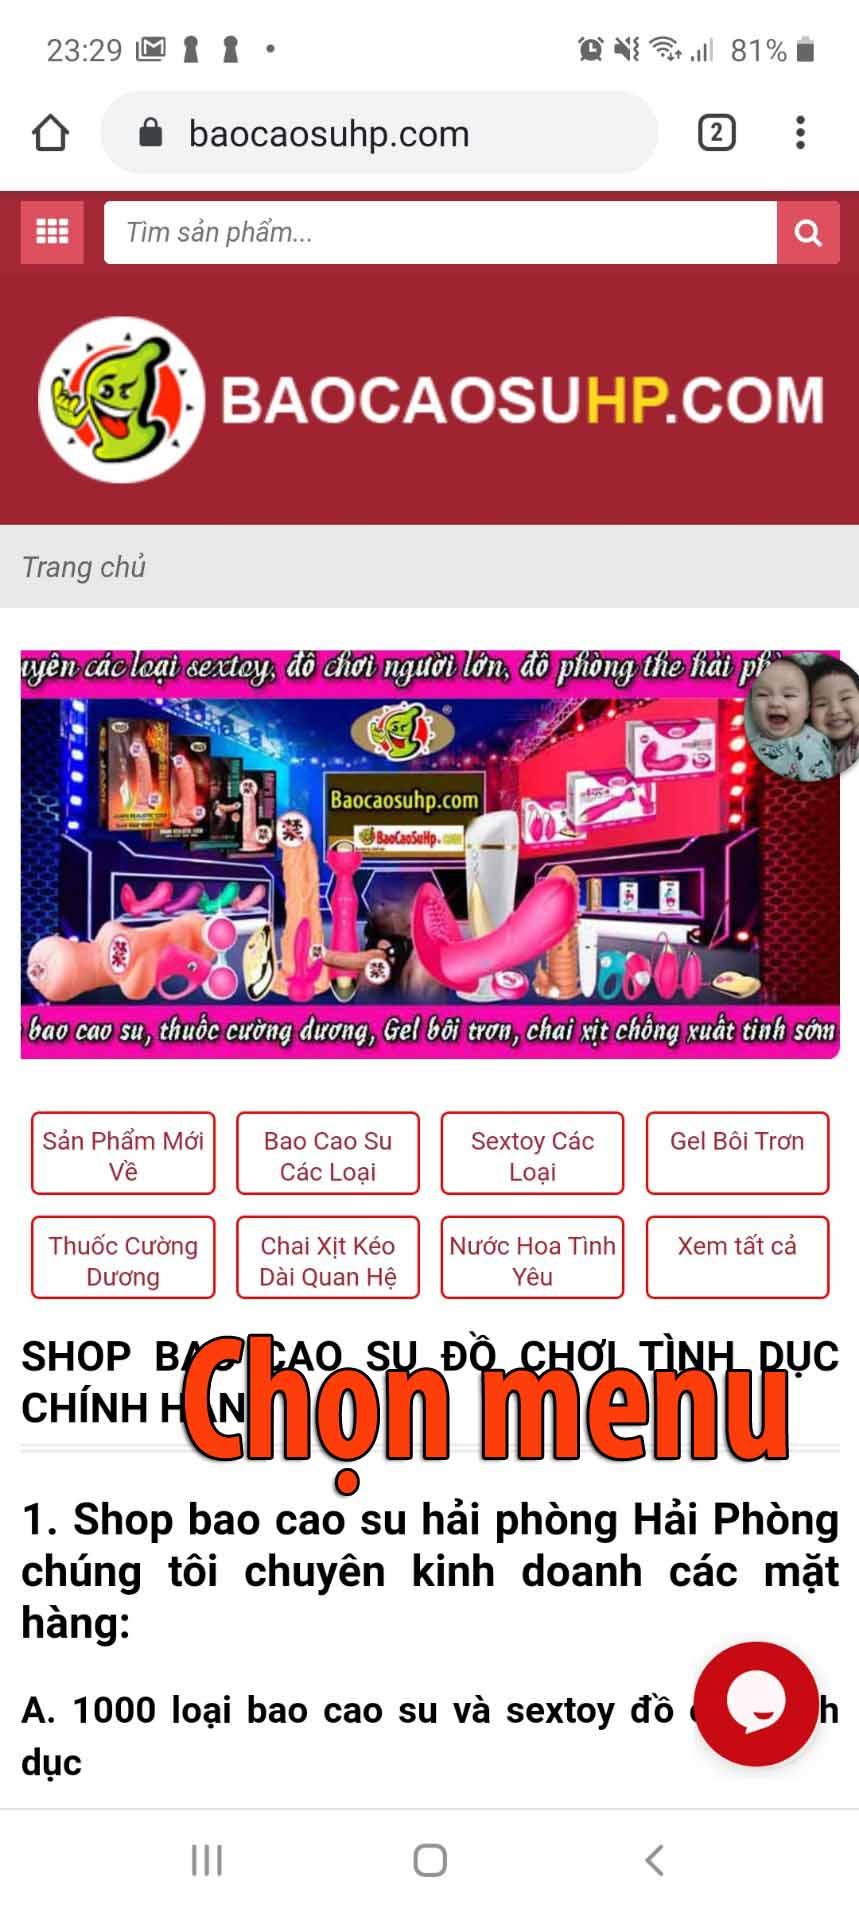 20200518133938 7836092 truy cap menu - Hướng dẫn cách mua hàng tại shop baocaosuhp